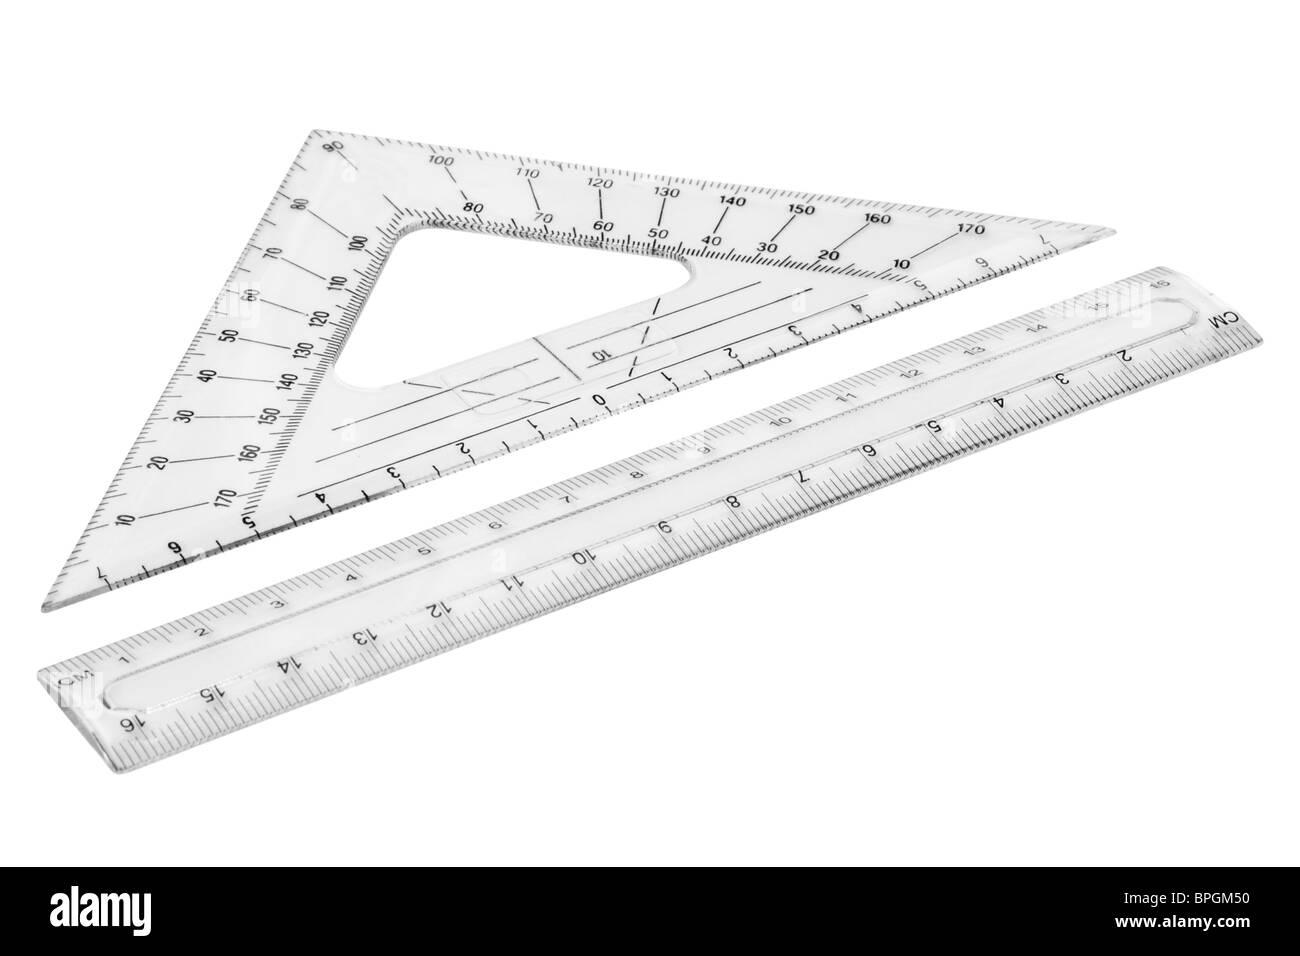 Ensemble de règles transparentes en plastique. Isolé sur fond blanc avec chemin de détourage. Photo Stock